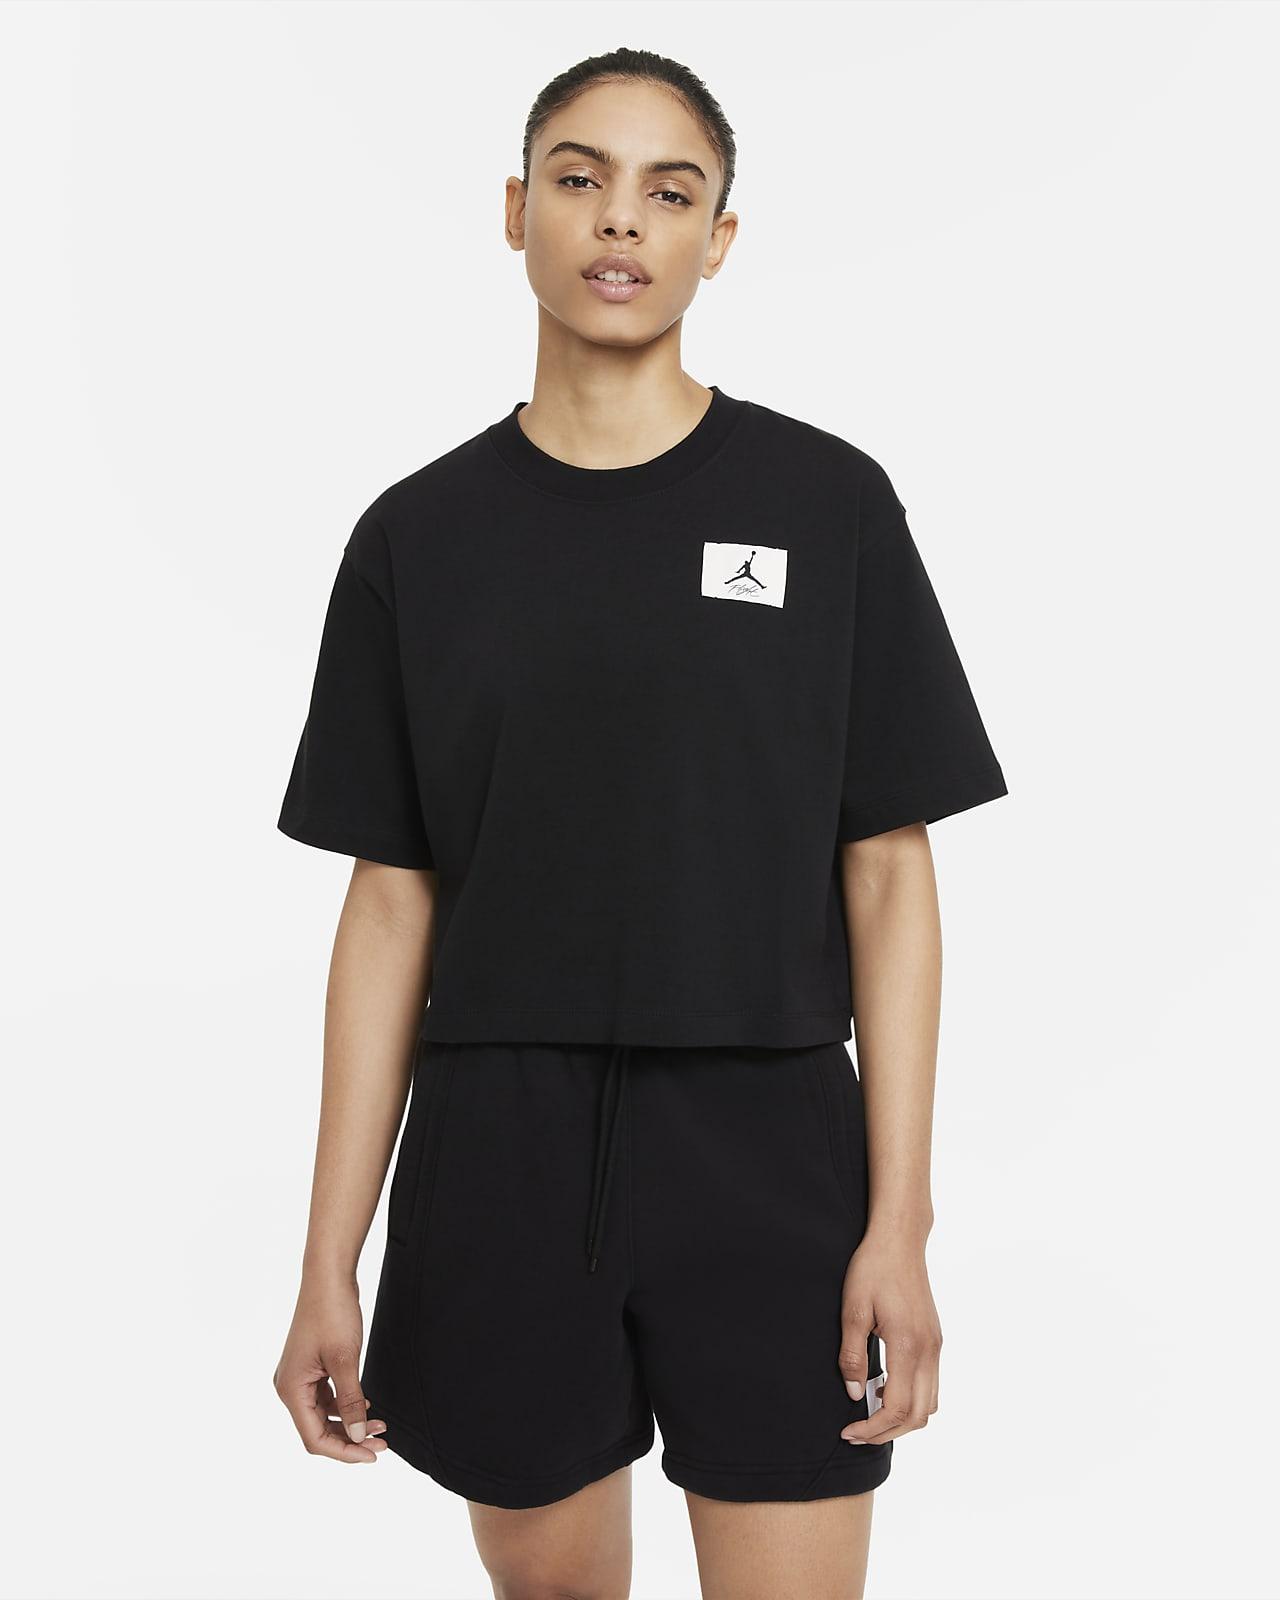 Jordan Essentials Camiseta cuadrada - Mujer